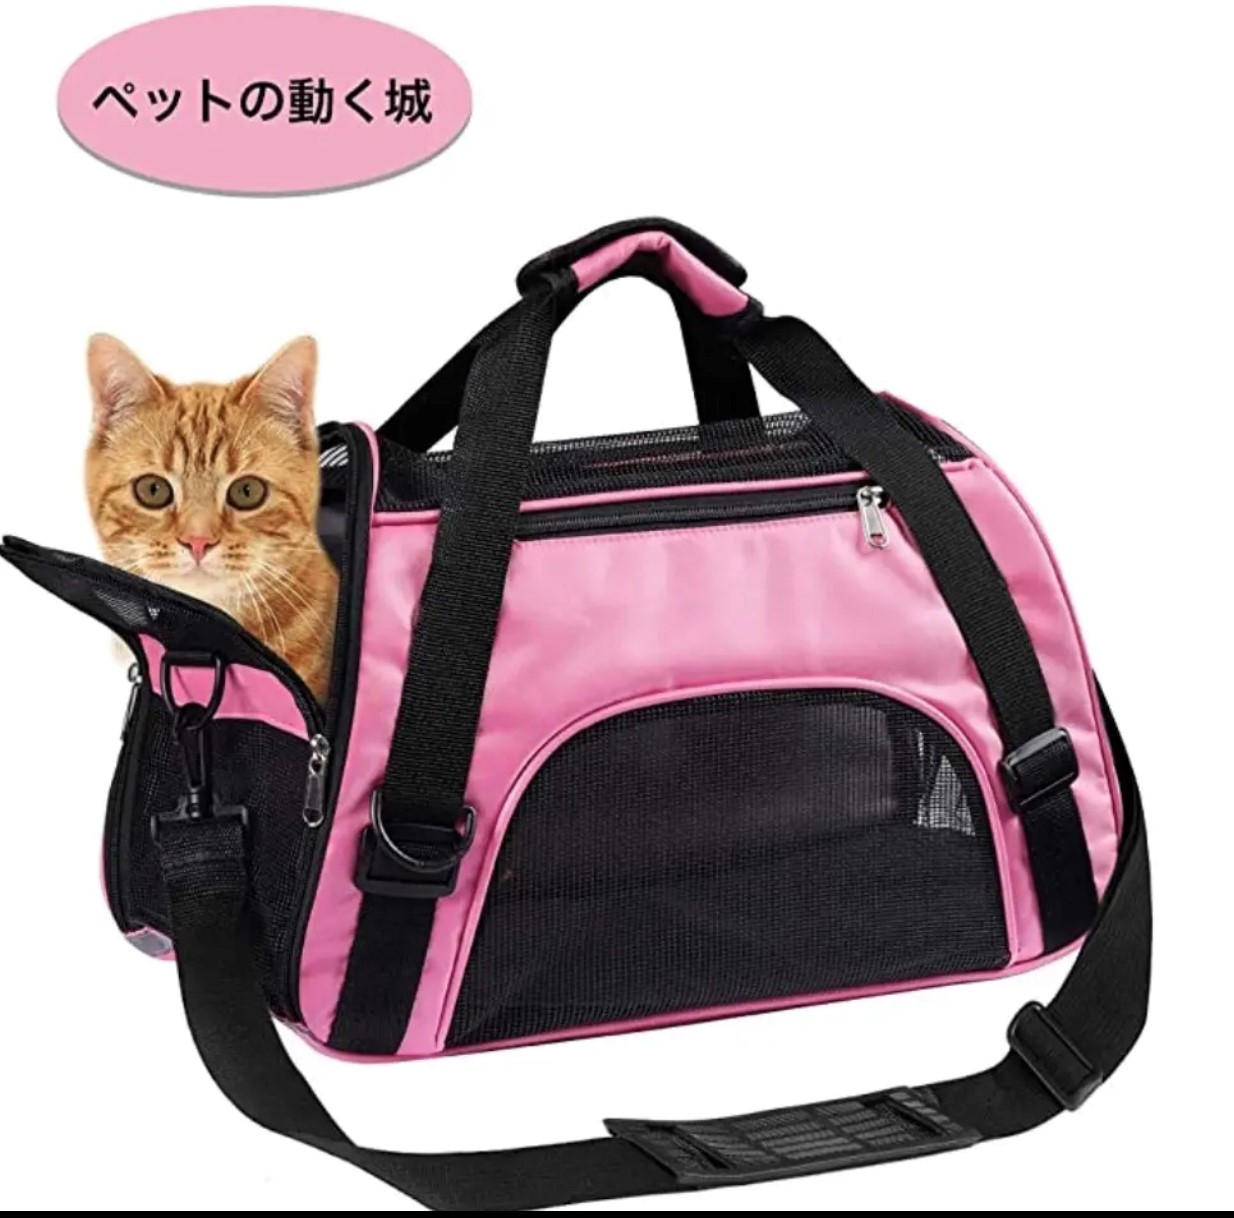 キャリー バッグ ペットキャリー ショルダー 手提げ 猫・犬用 3way キャリー バッグ お洒落